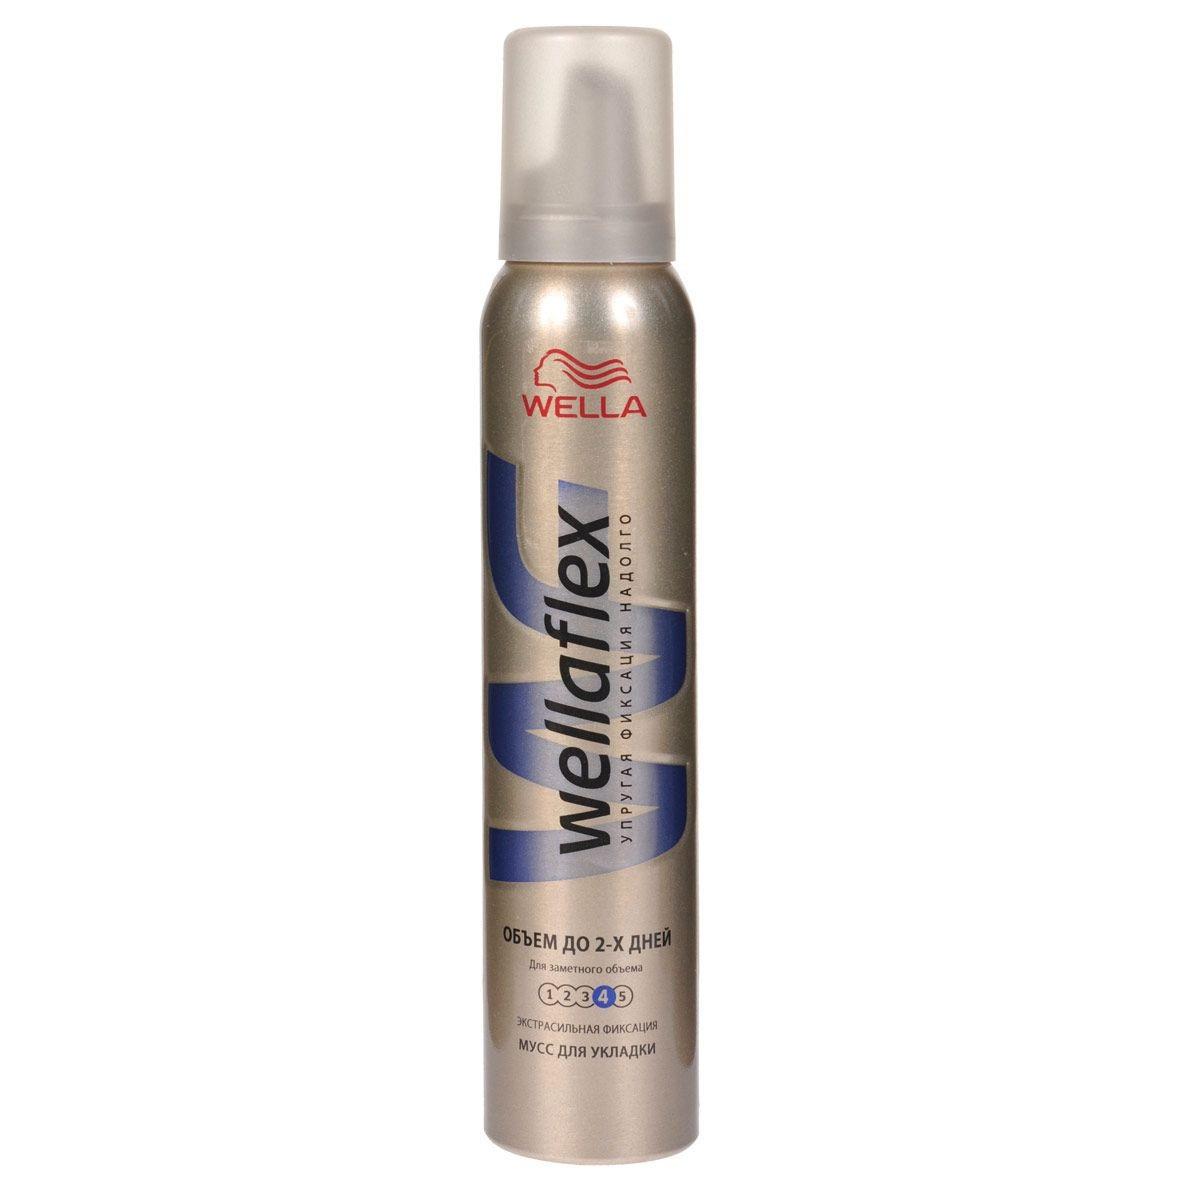 Мусс для волос Веллафлекс Объем для тонких волос ССФ 200мл